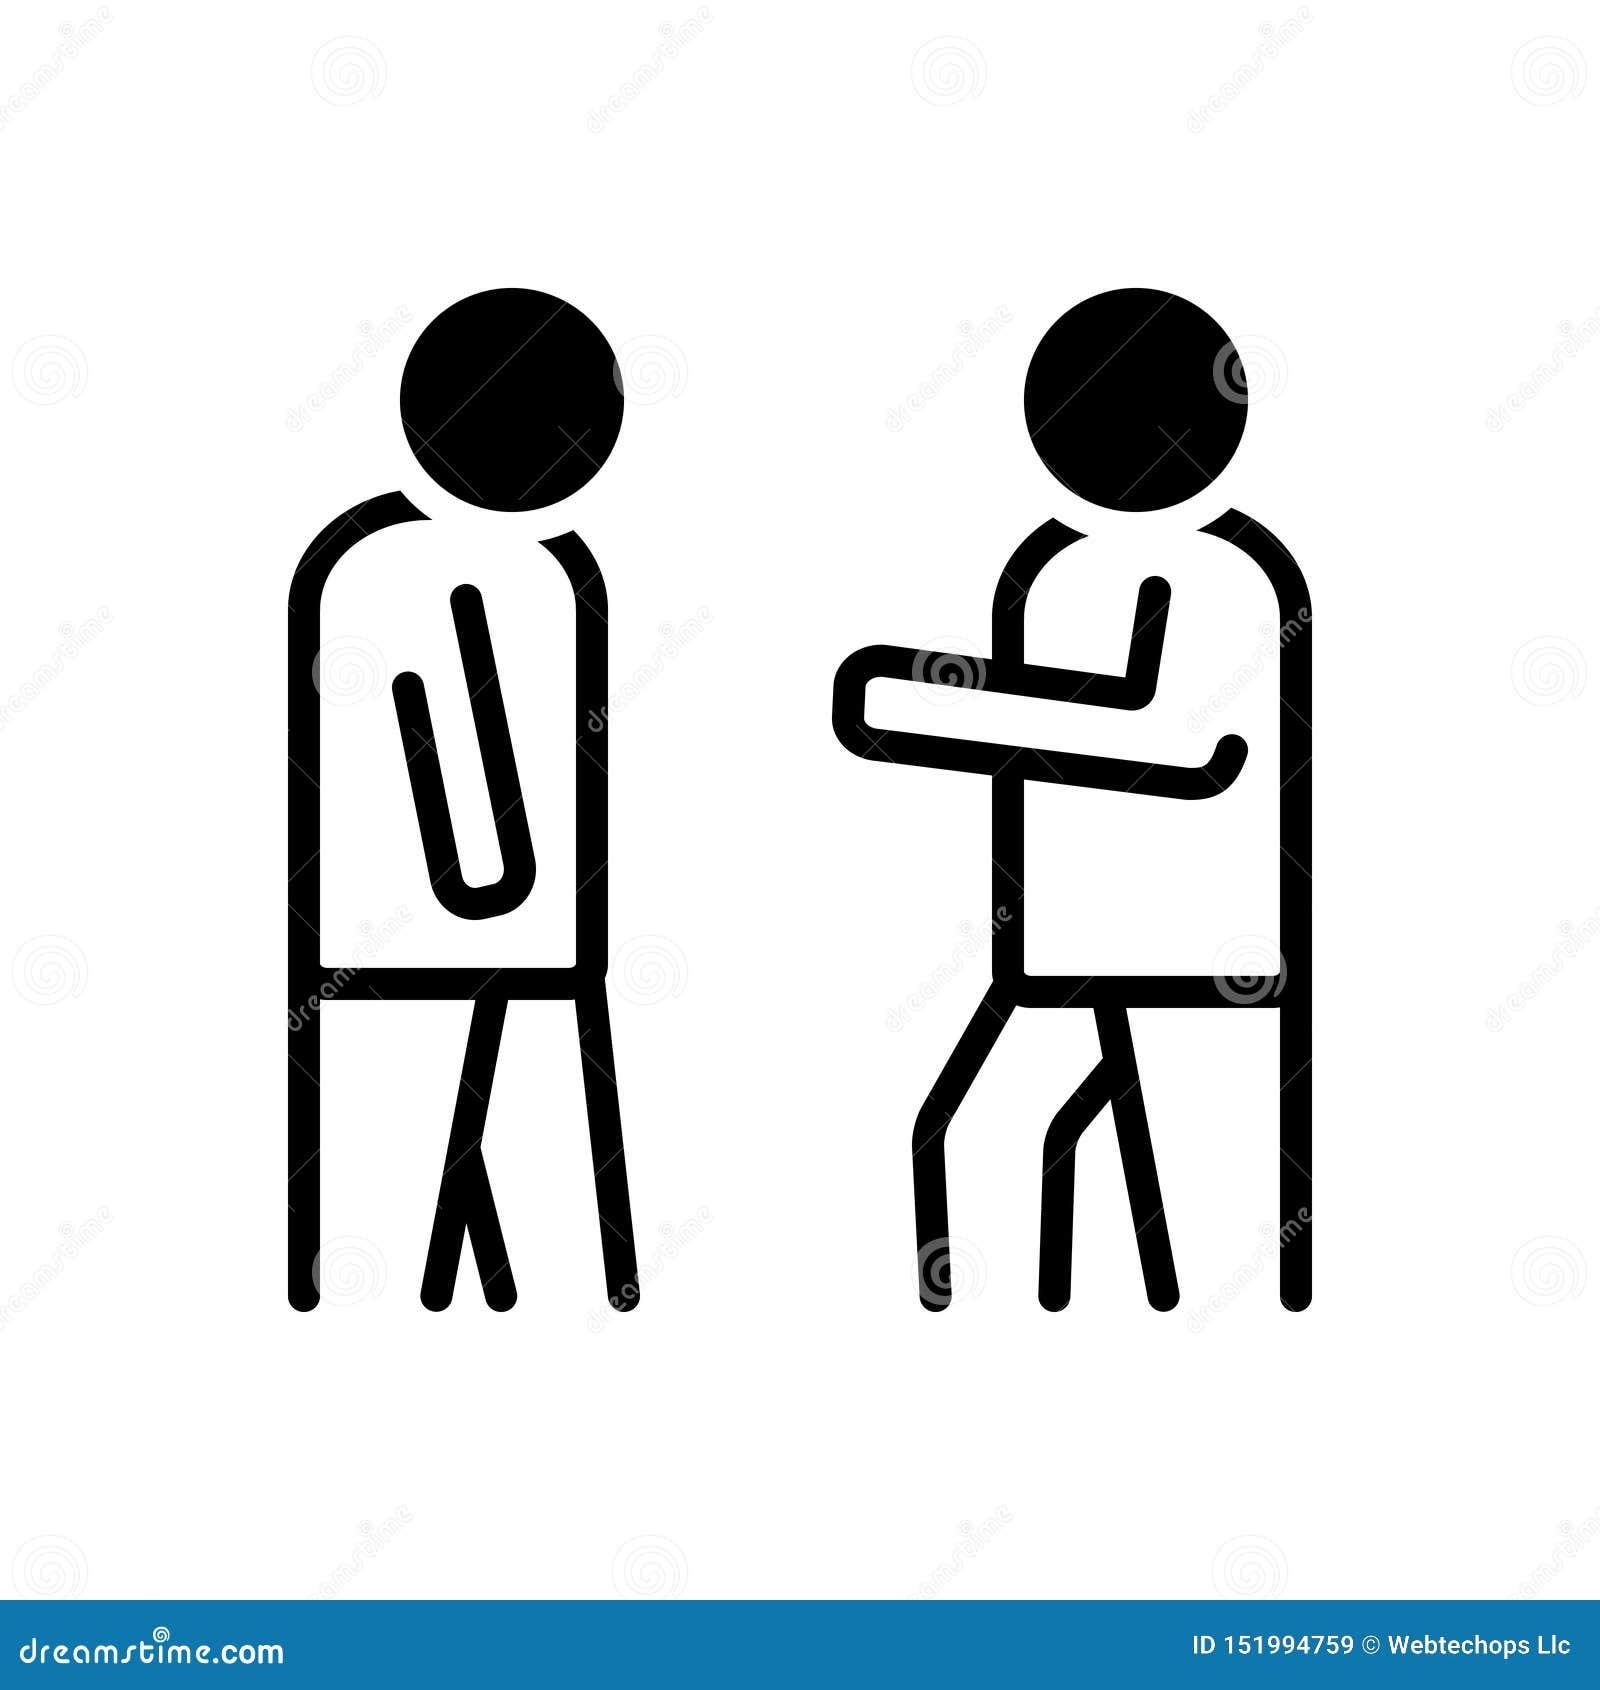 Zwart stevig pictogram voor Obey, gehoorzaamheid en aanhankelijkheid